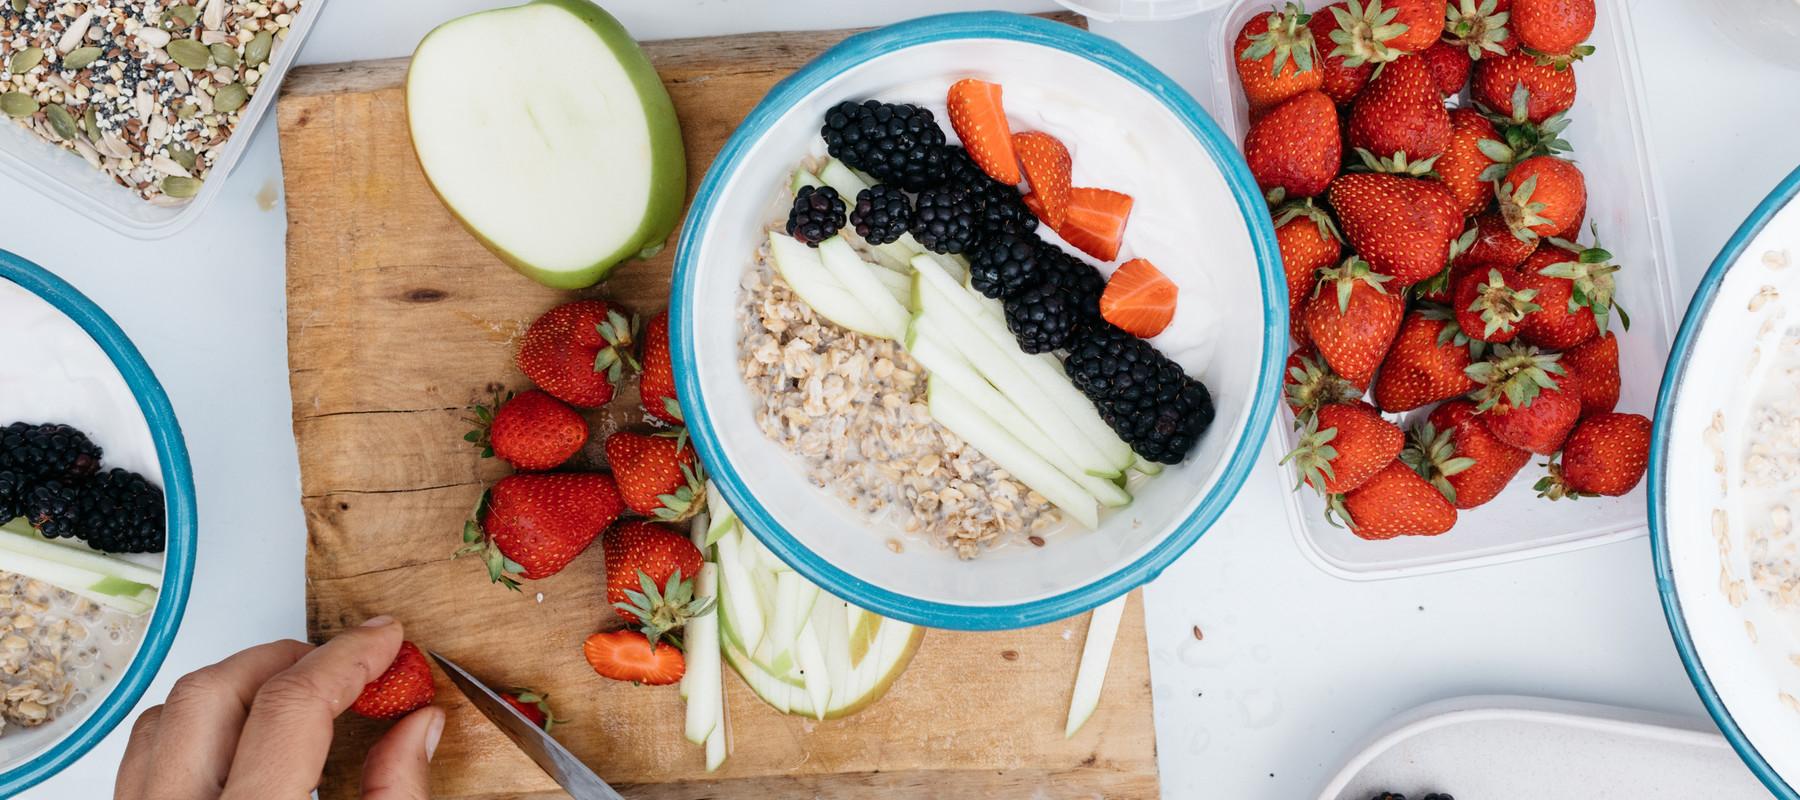 83ec581a238c1dc78d63d75ed957223f645c48e1_recipe-food-creamy-overnight-oats-roadside-berries-cutting-prep-bowl (1).jpg